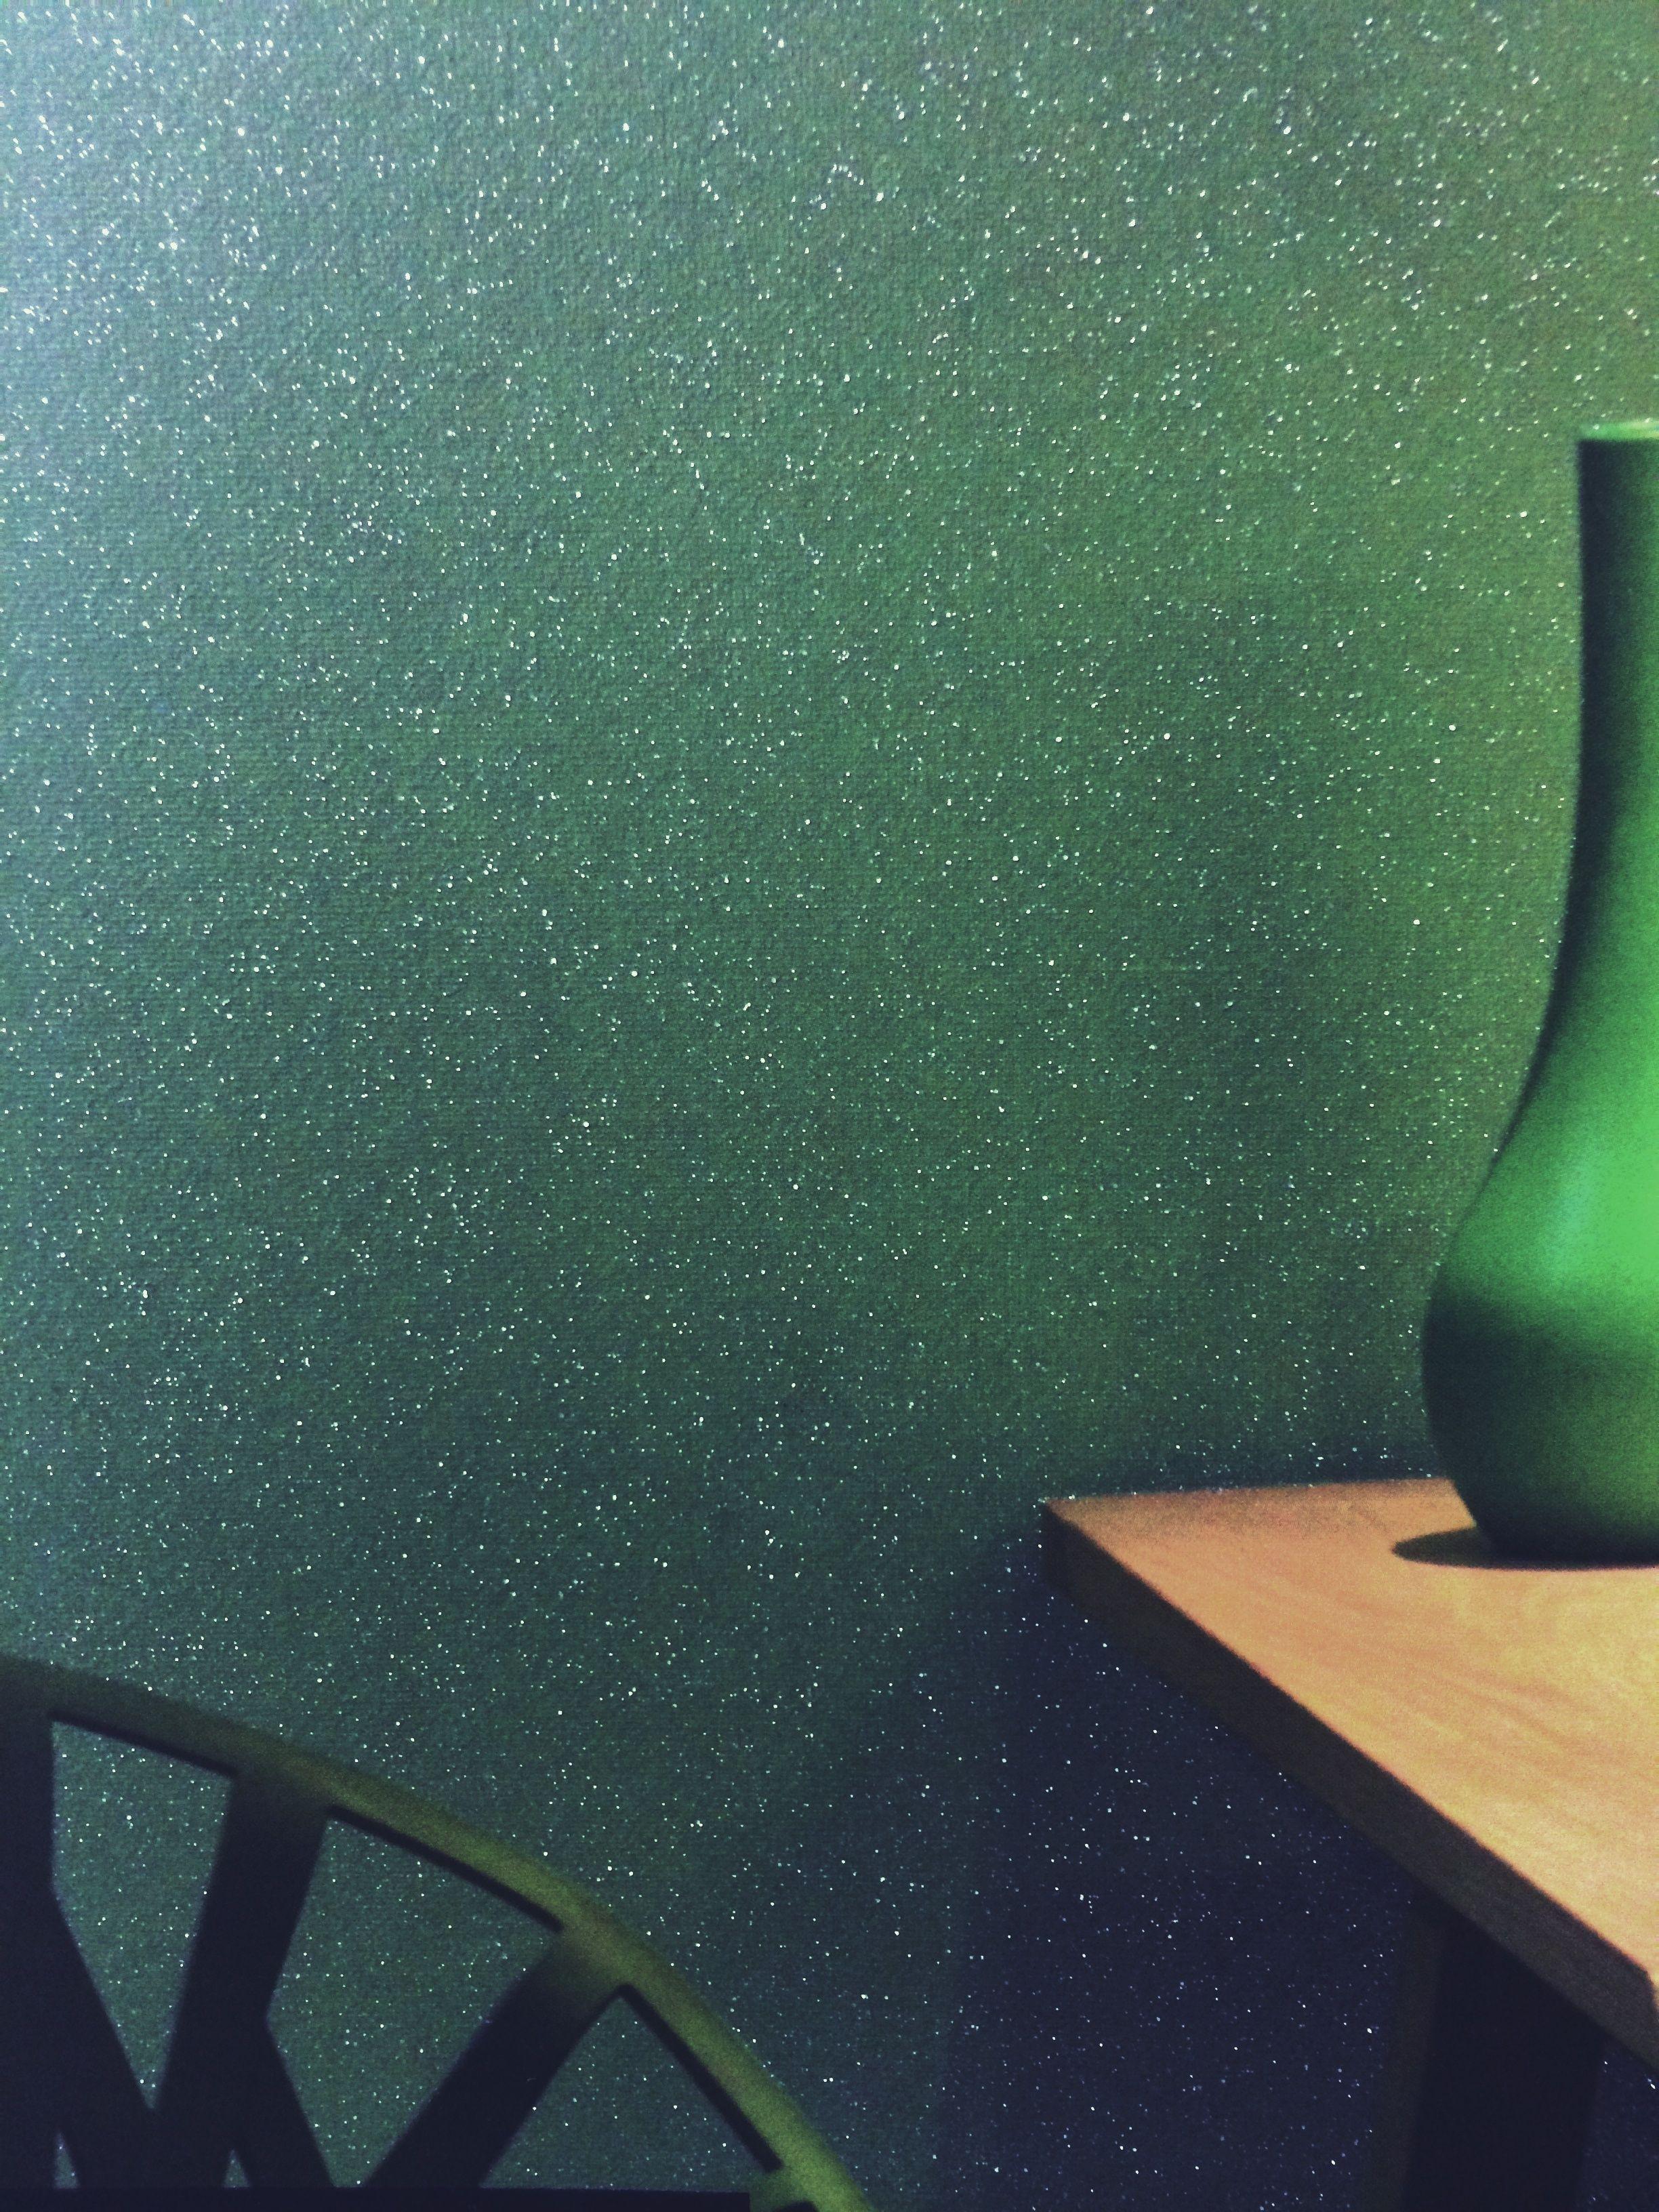 Dipinti Murali Per Camerette colori pitture per pareti moderne: le 10 migliori idee con